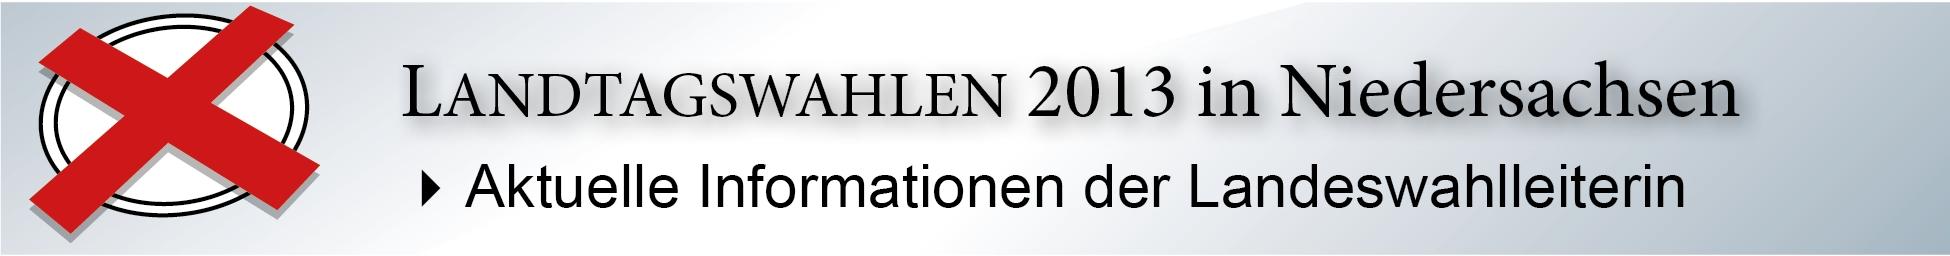 Landtagswahl 2013